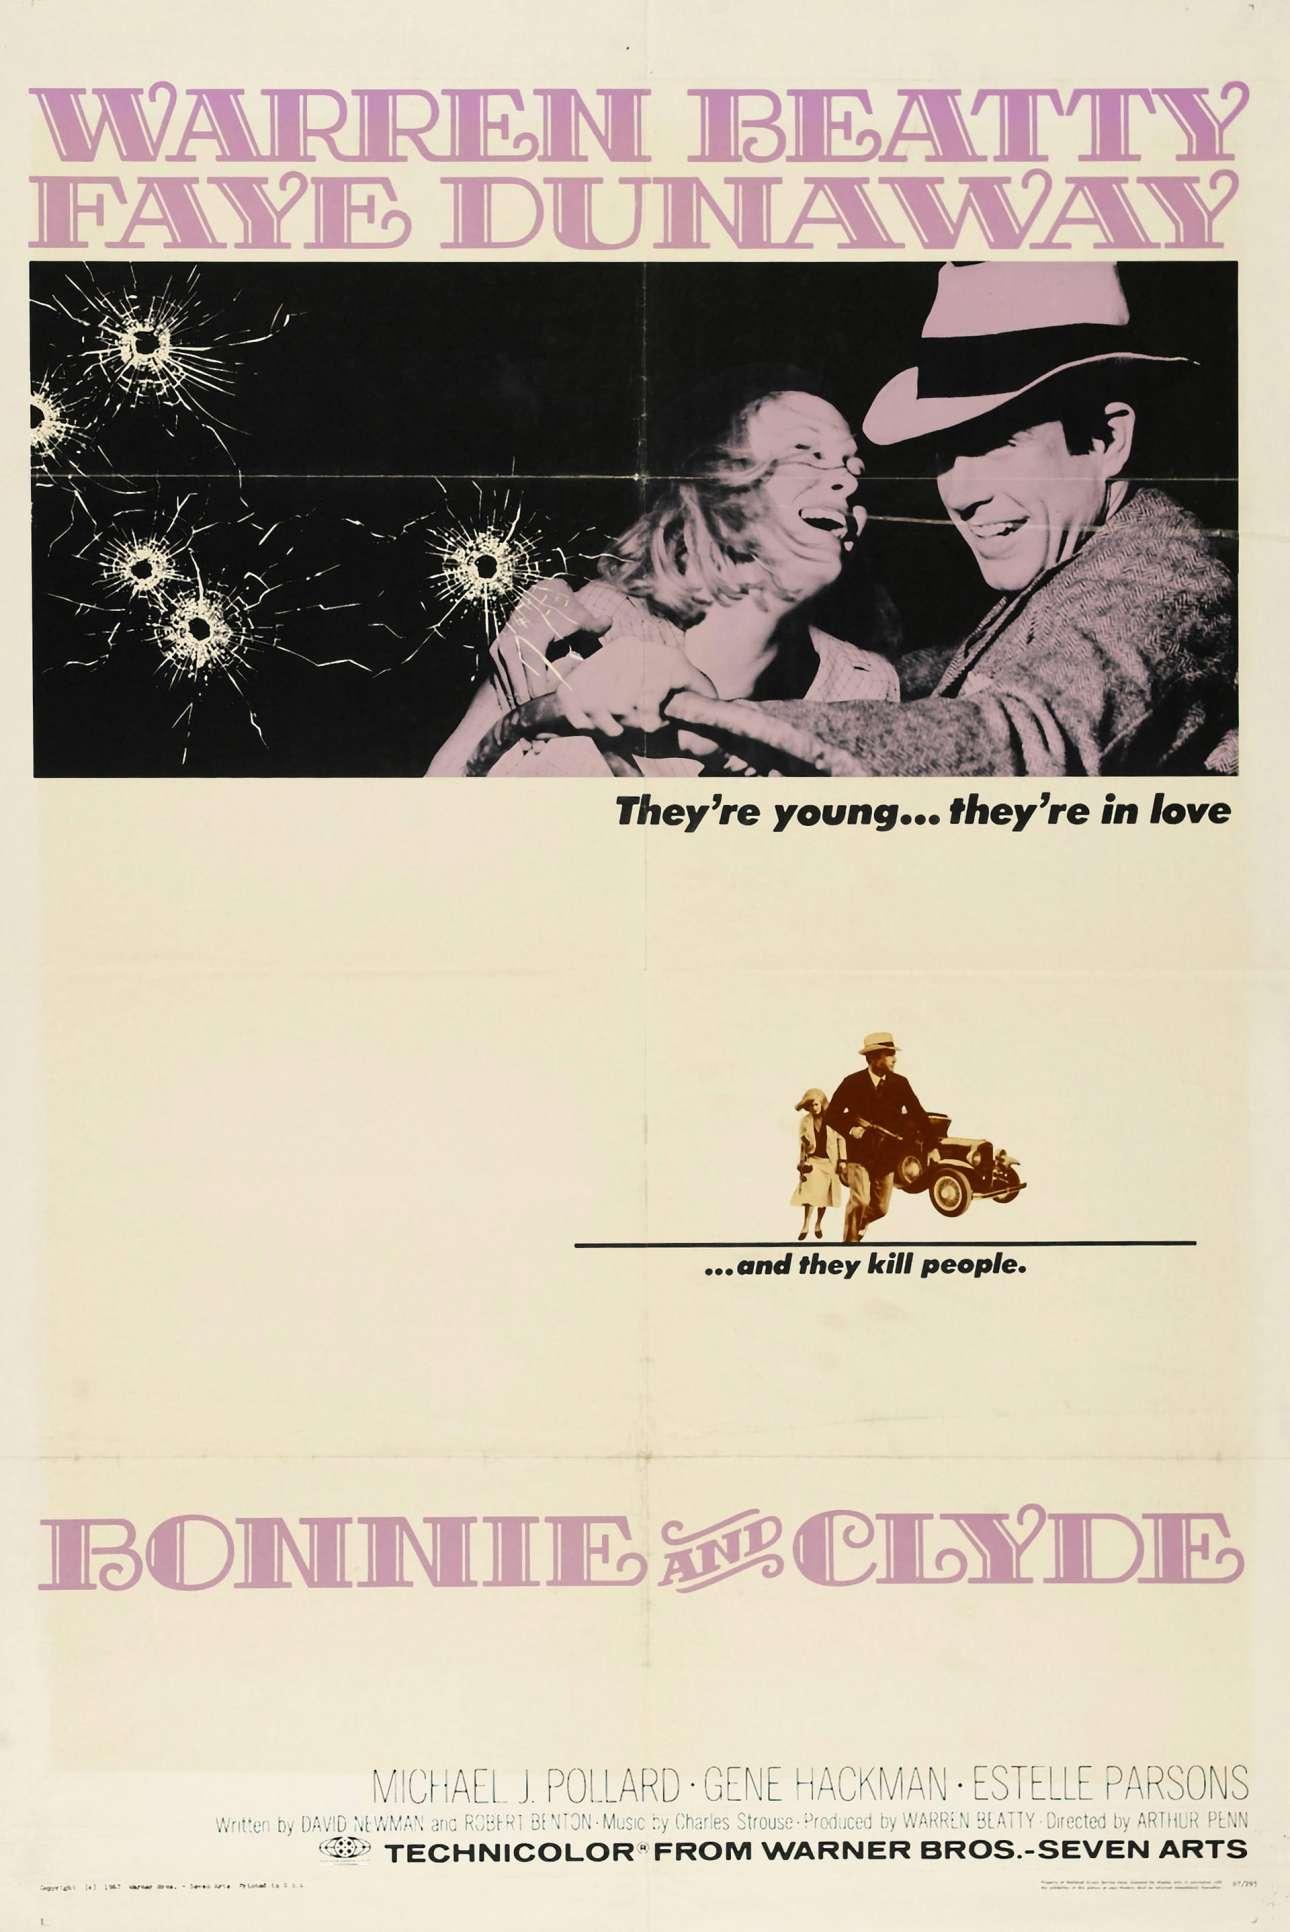 «Μπόνι και Κλάιντ», 1967. «Ηταν ένα μαγευτικό, δραματικό θρίλερ δράσης, αλλά ήθελε επίσης να φανεί αυθεντικό, αληθινό και ακριβές- έτσι, κοιτάζοντας την αφίσα, δεν θα μπορούσες να κάνεις το λάθος να σκεφτείς ότι ήταν απλά μια ιστορία»